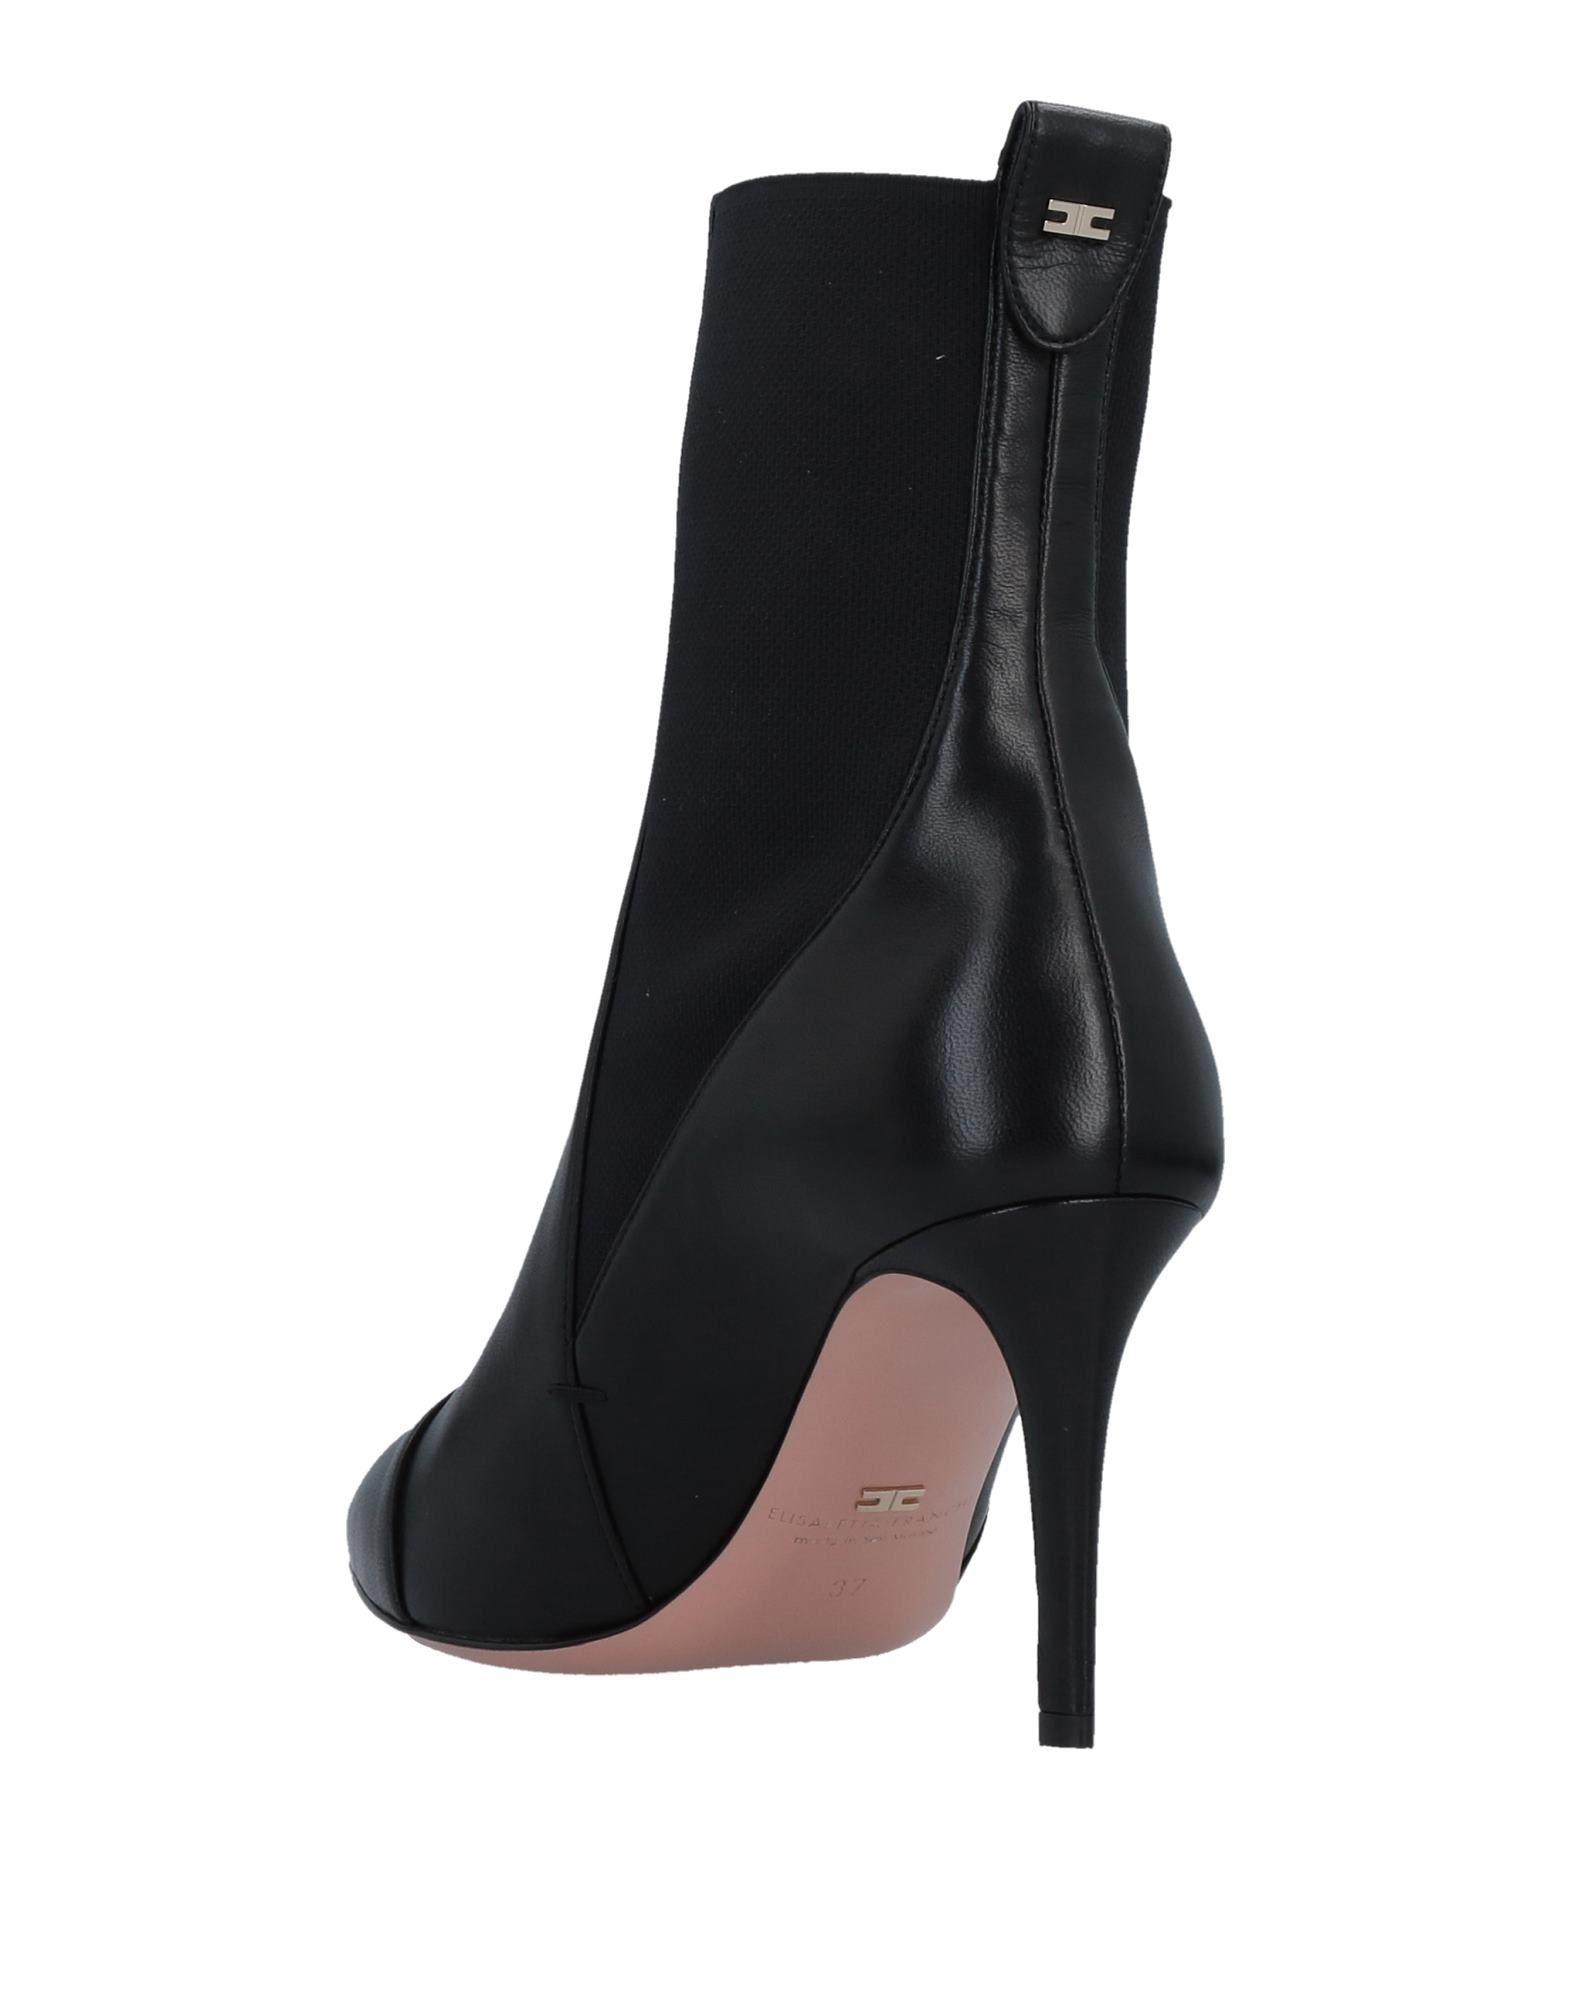 Elisabetta Franchi Chelsea Boots lohnt Damen Gutes Preis-Leistungs-Verhältnis, es lohnt Boots sich,Sonderangebot-3113 8faee0